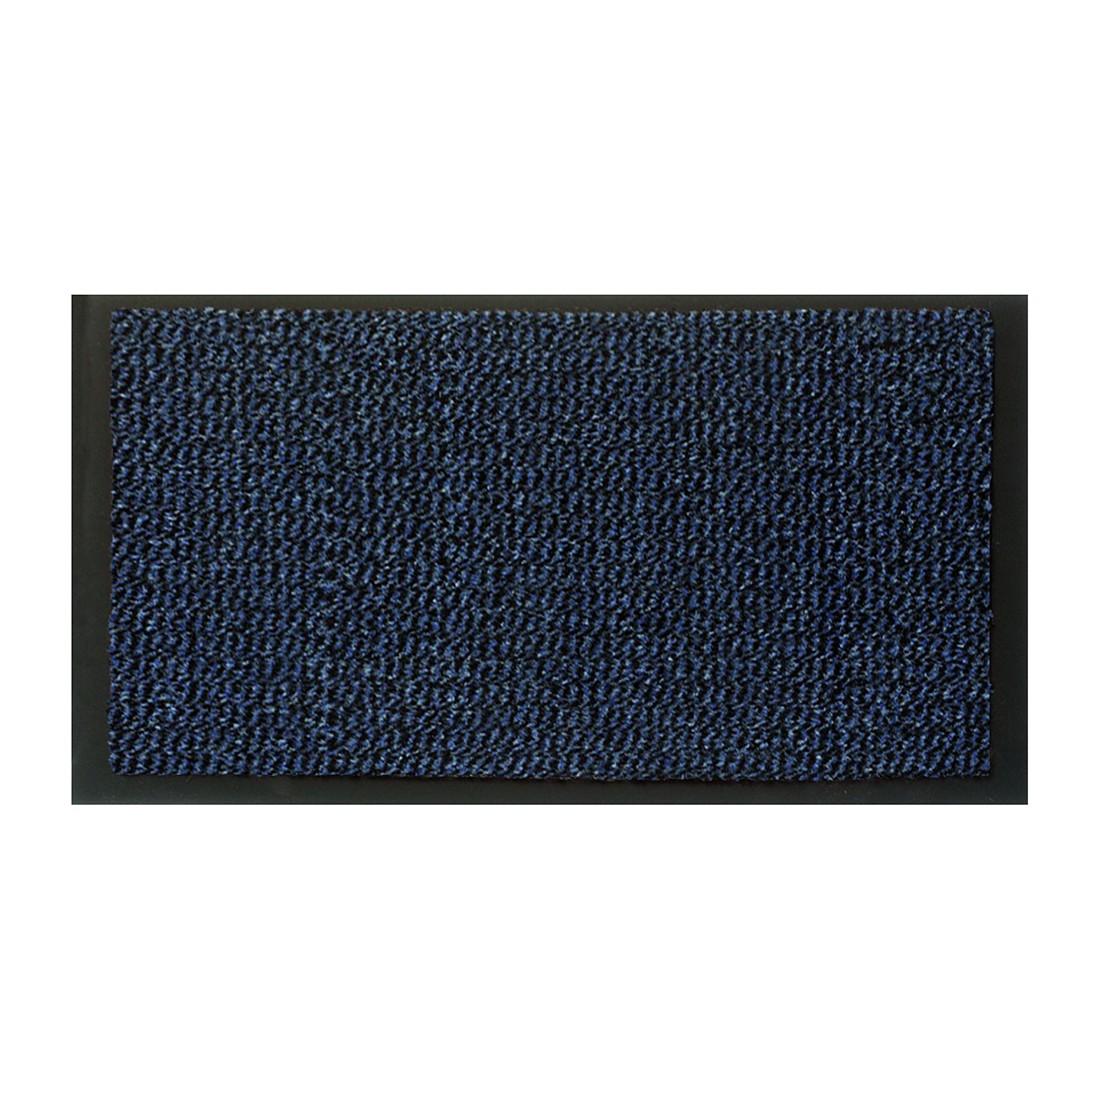 Fußmatte Saphir - Blau meliert - 120 x 180 cm, Astra